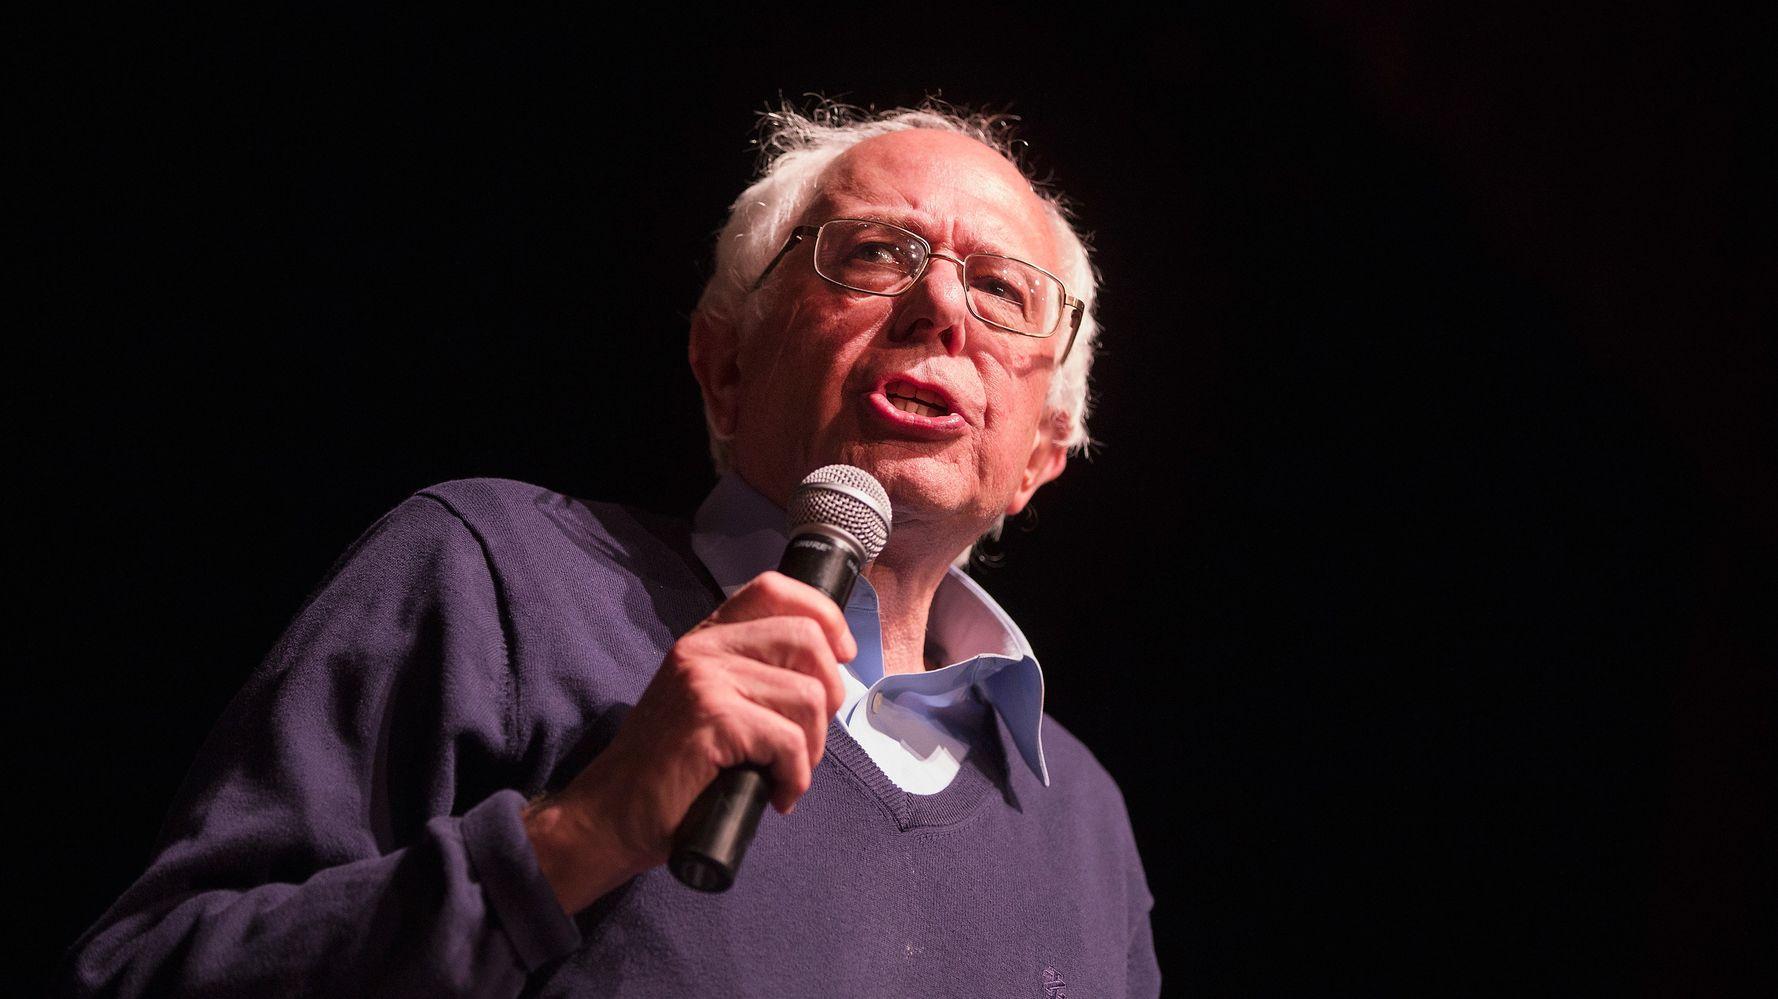 Bernie Sanders Wants To Bring Back Your 40-Hour Workweek